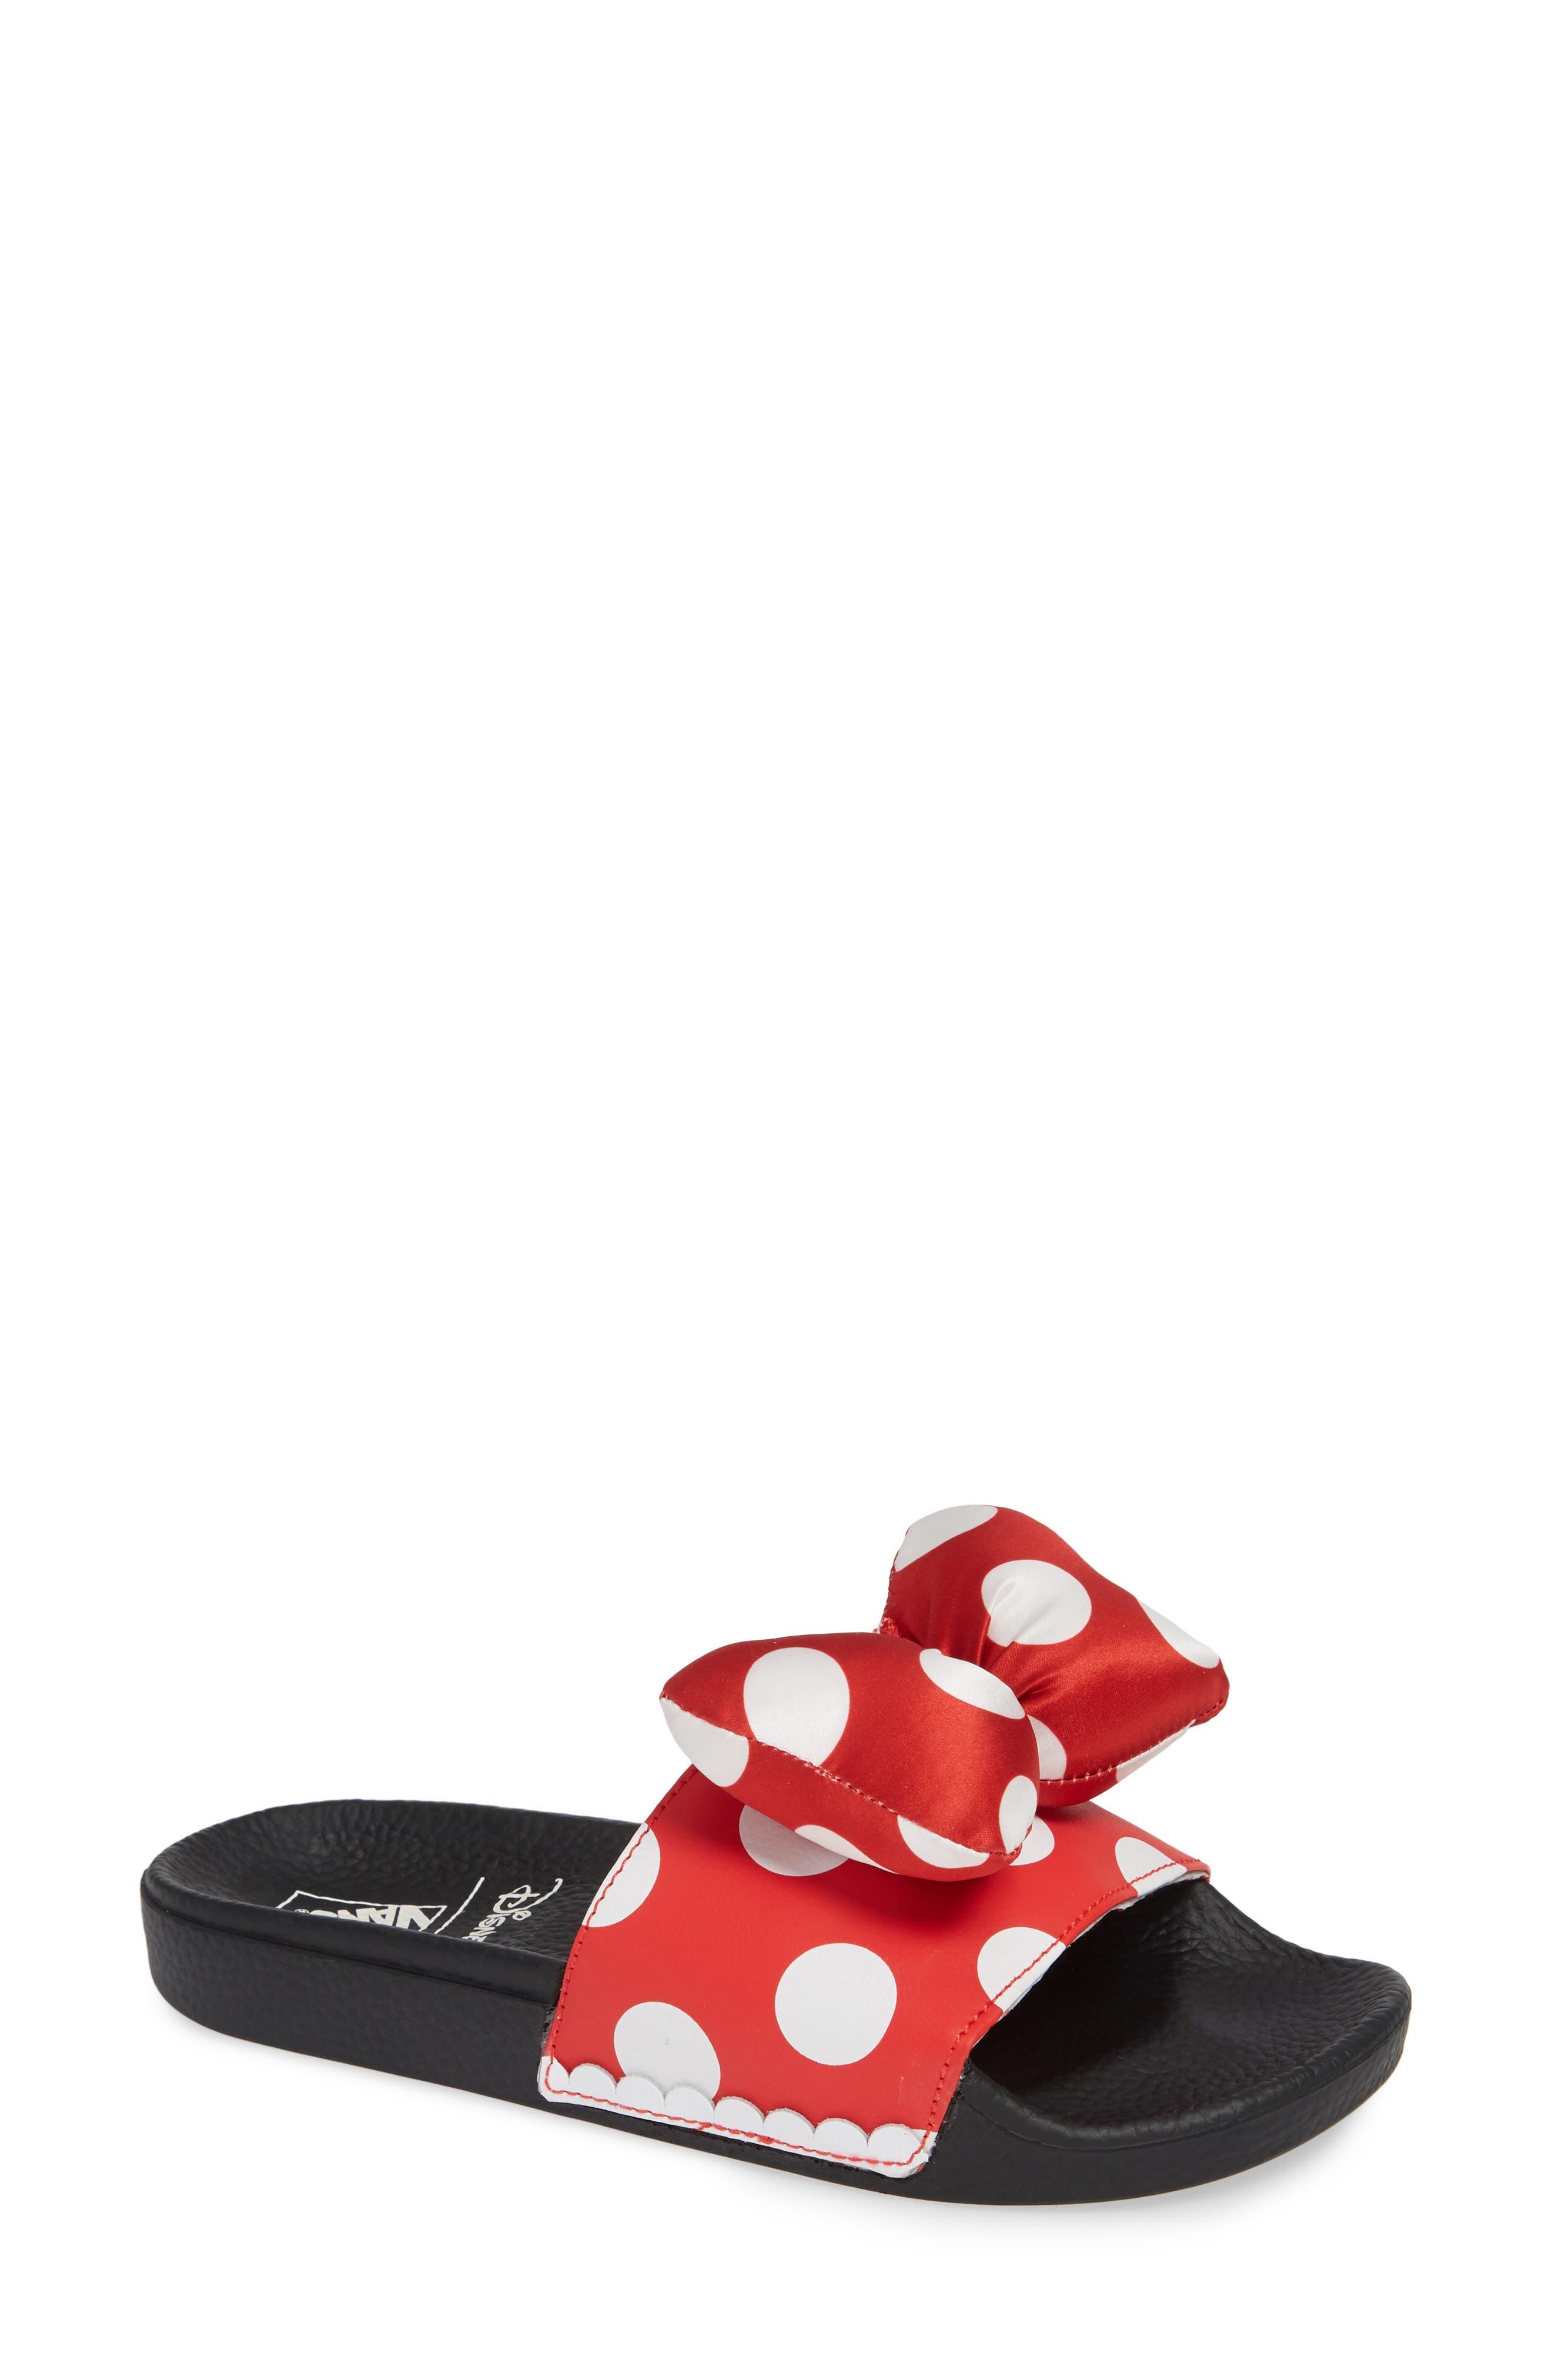 x Disney Minnie Mouse Slide Sandal,                         Main,                         color, 600